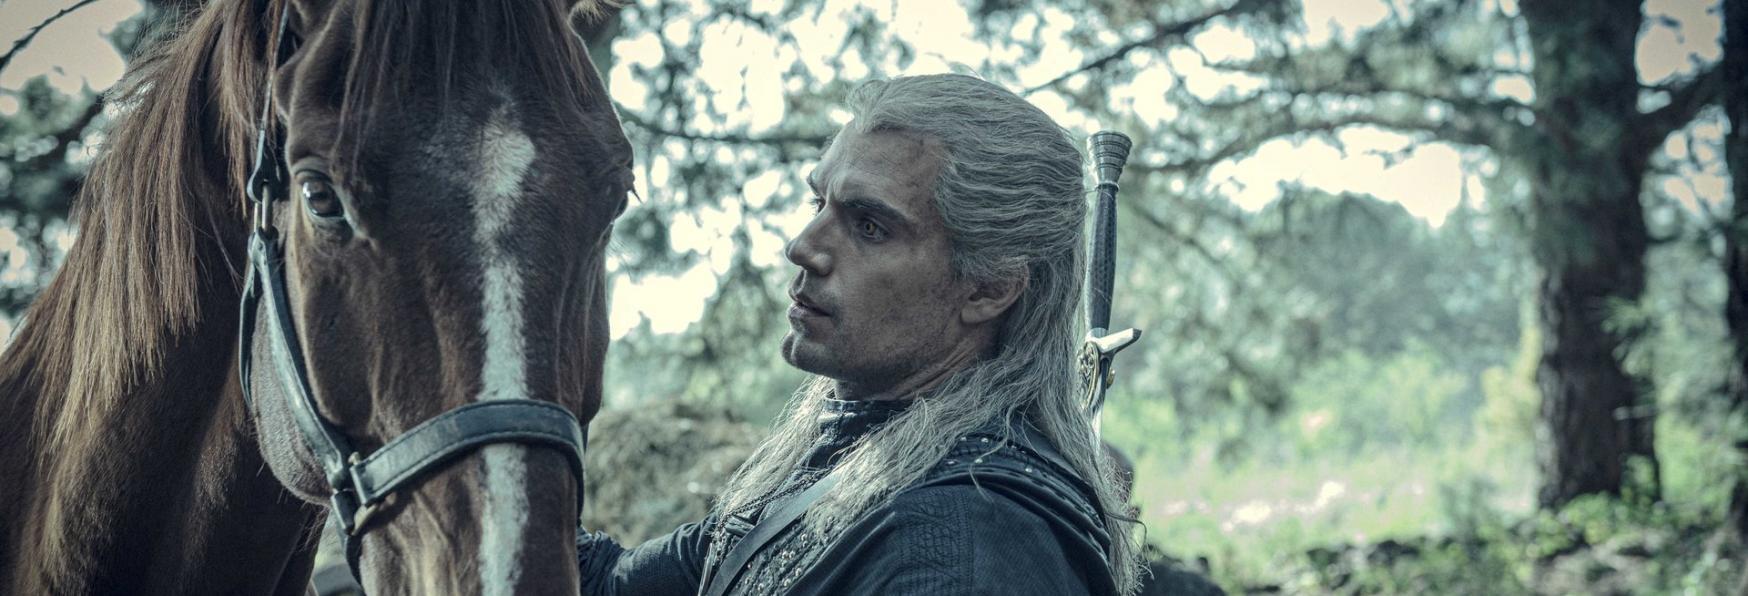 The Witcher 2: è in arrivo il Trailer della nuova Stagione? Tutti gli aggiornamenti